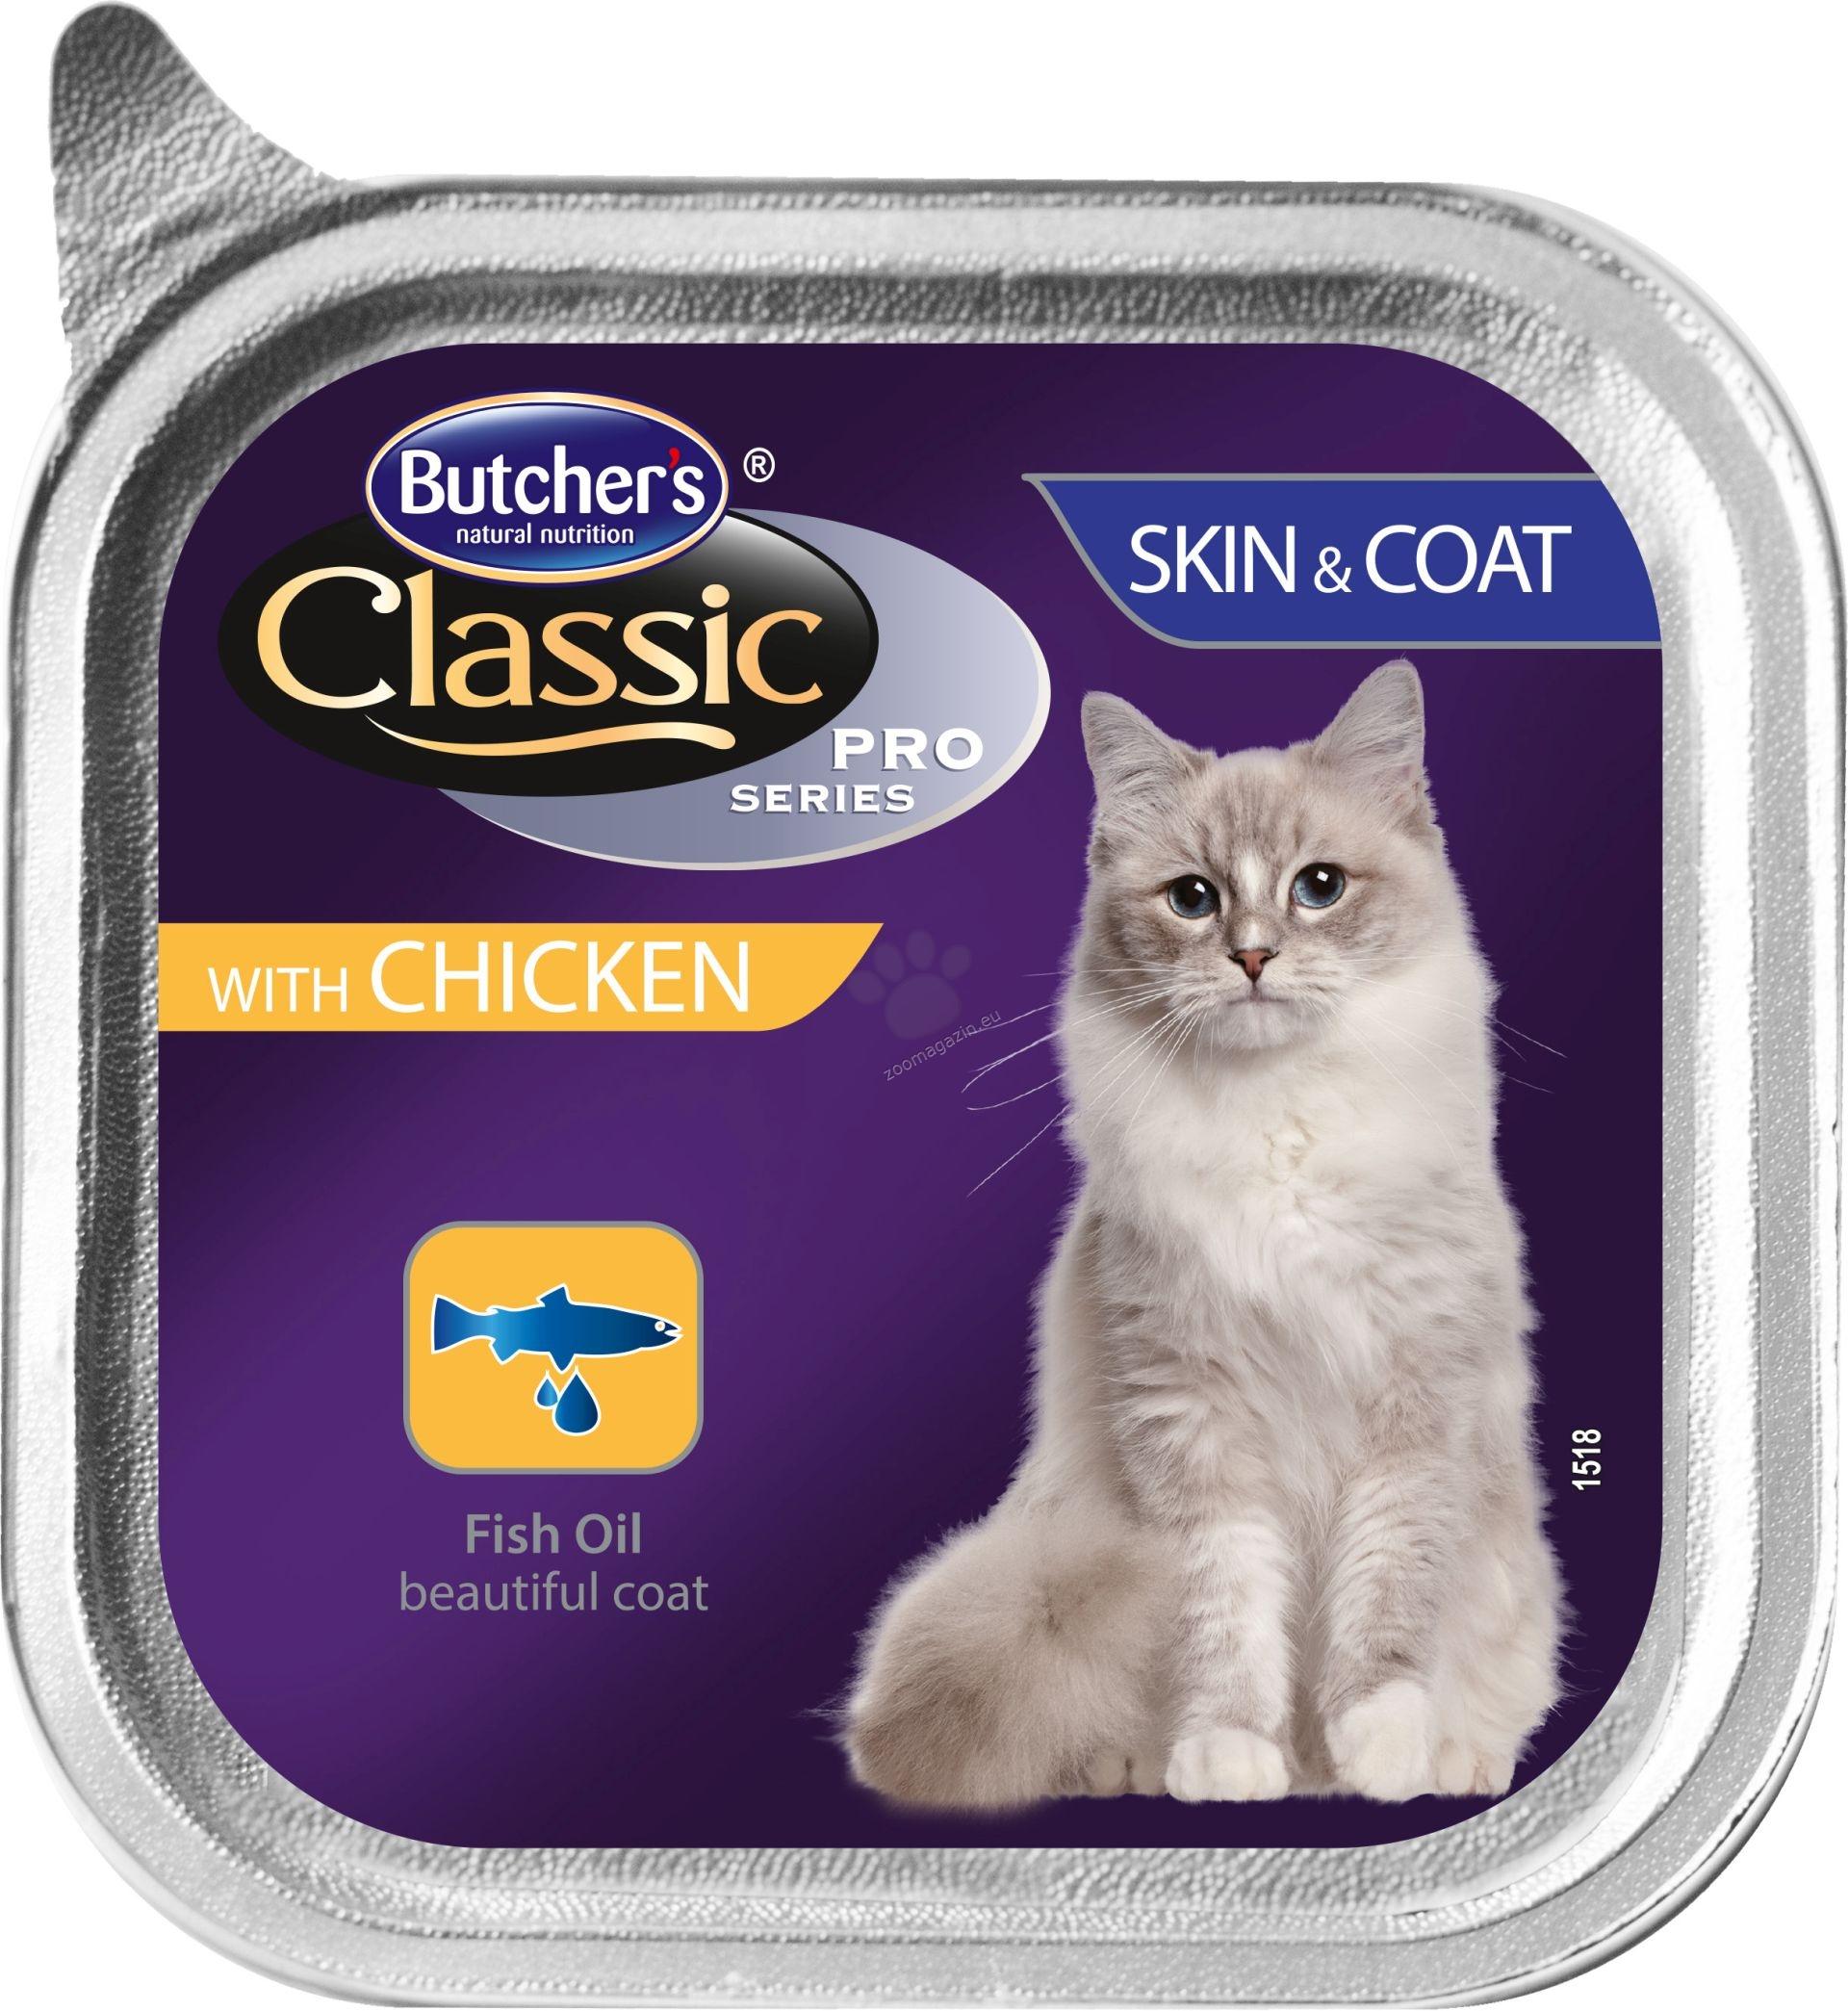 Butchers - Classic Pro Series Skin & Coat with chicken pate - храна за котки с пилешко месо за здрава кожа и красива козина, 100 гр. /пастет/